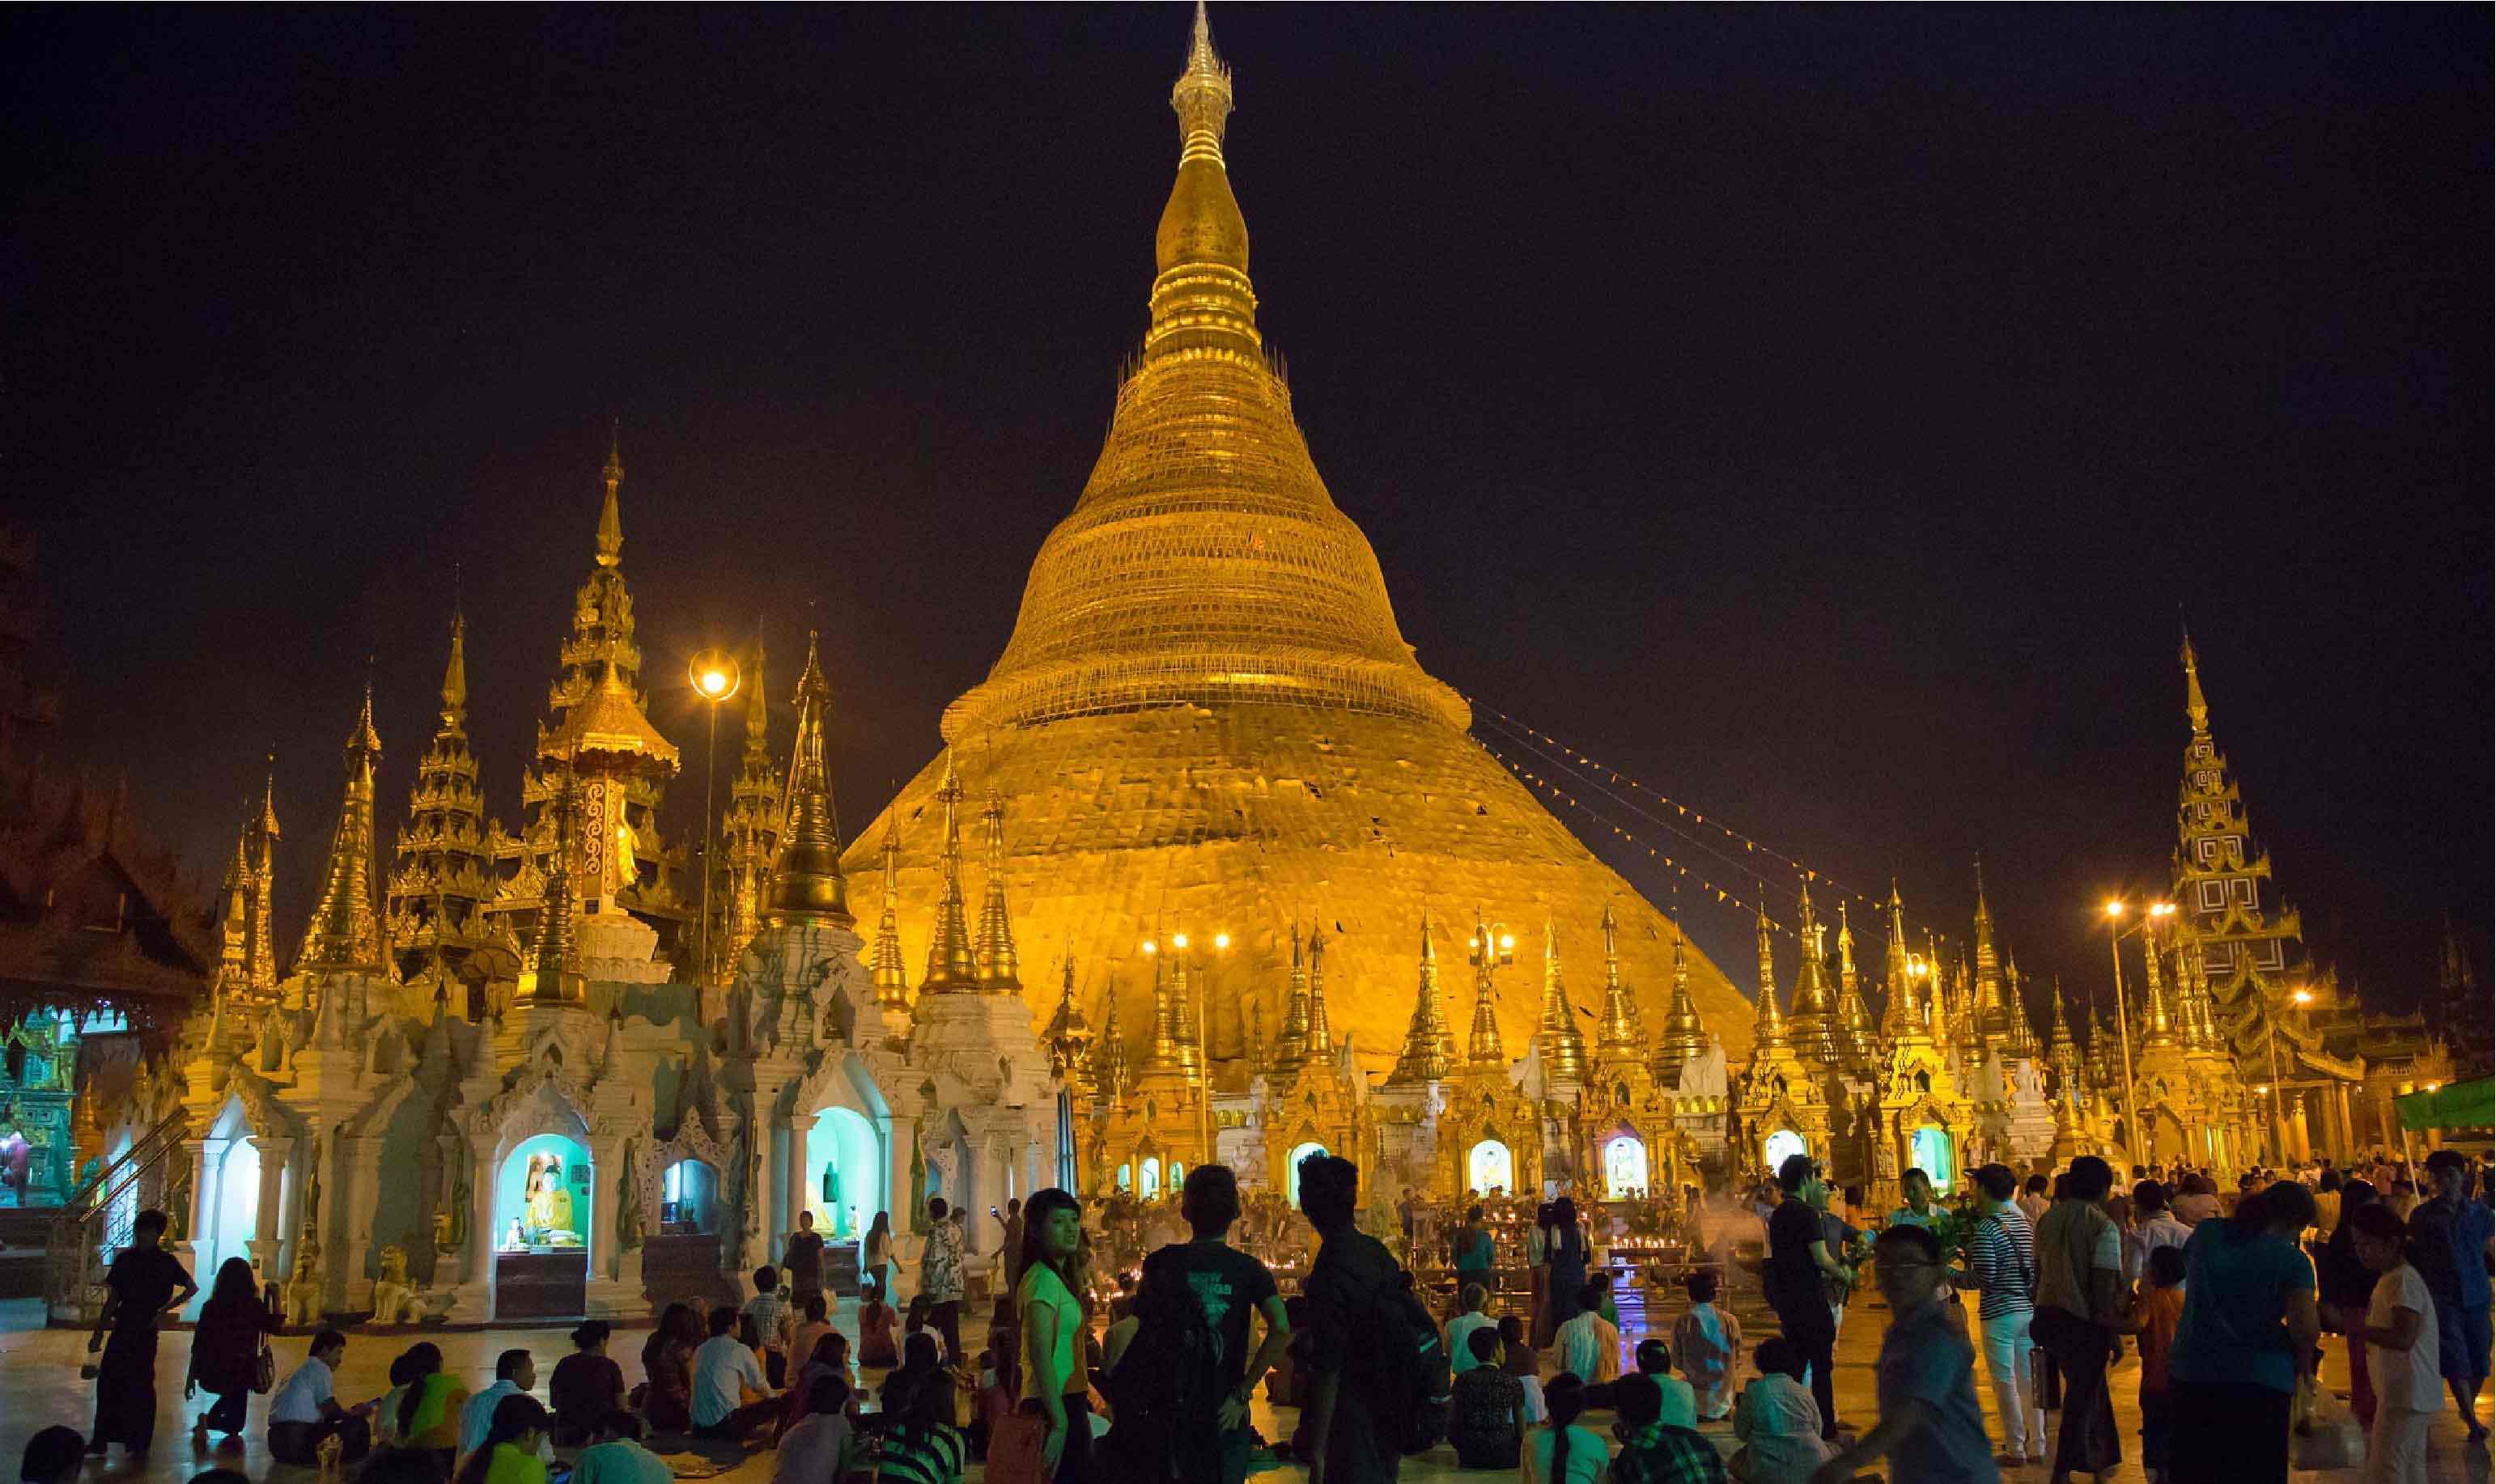 ทัวร์พม่า ย่างกุ้ง หงสาวดี อินแขวน 4วัน 3คืน บินไทยไลอ้อนแอร์(SL)